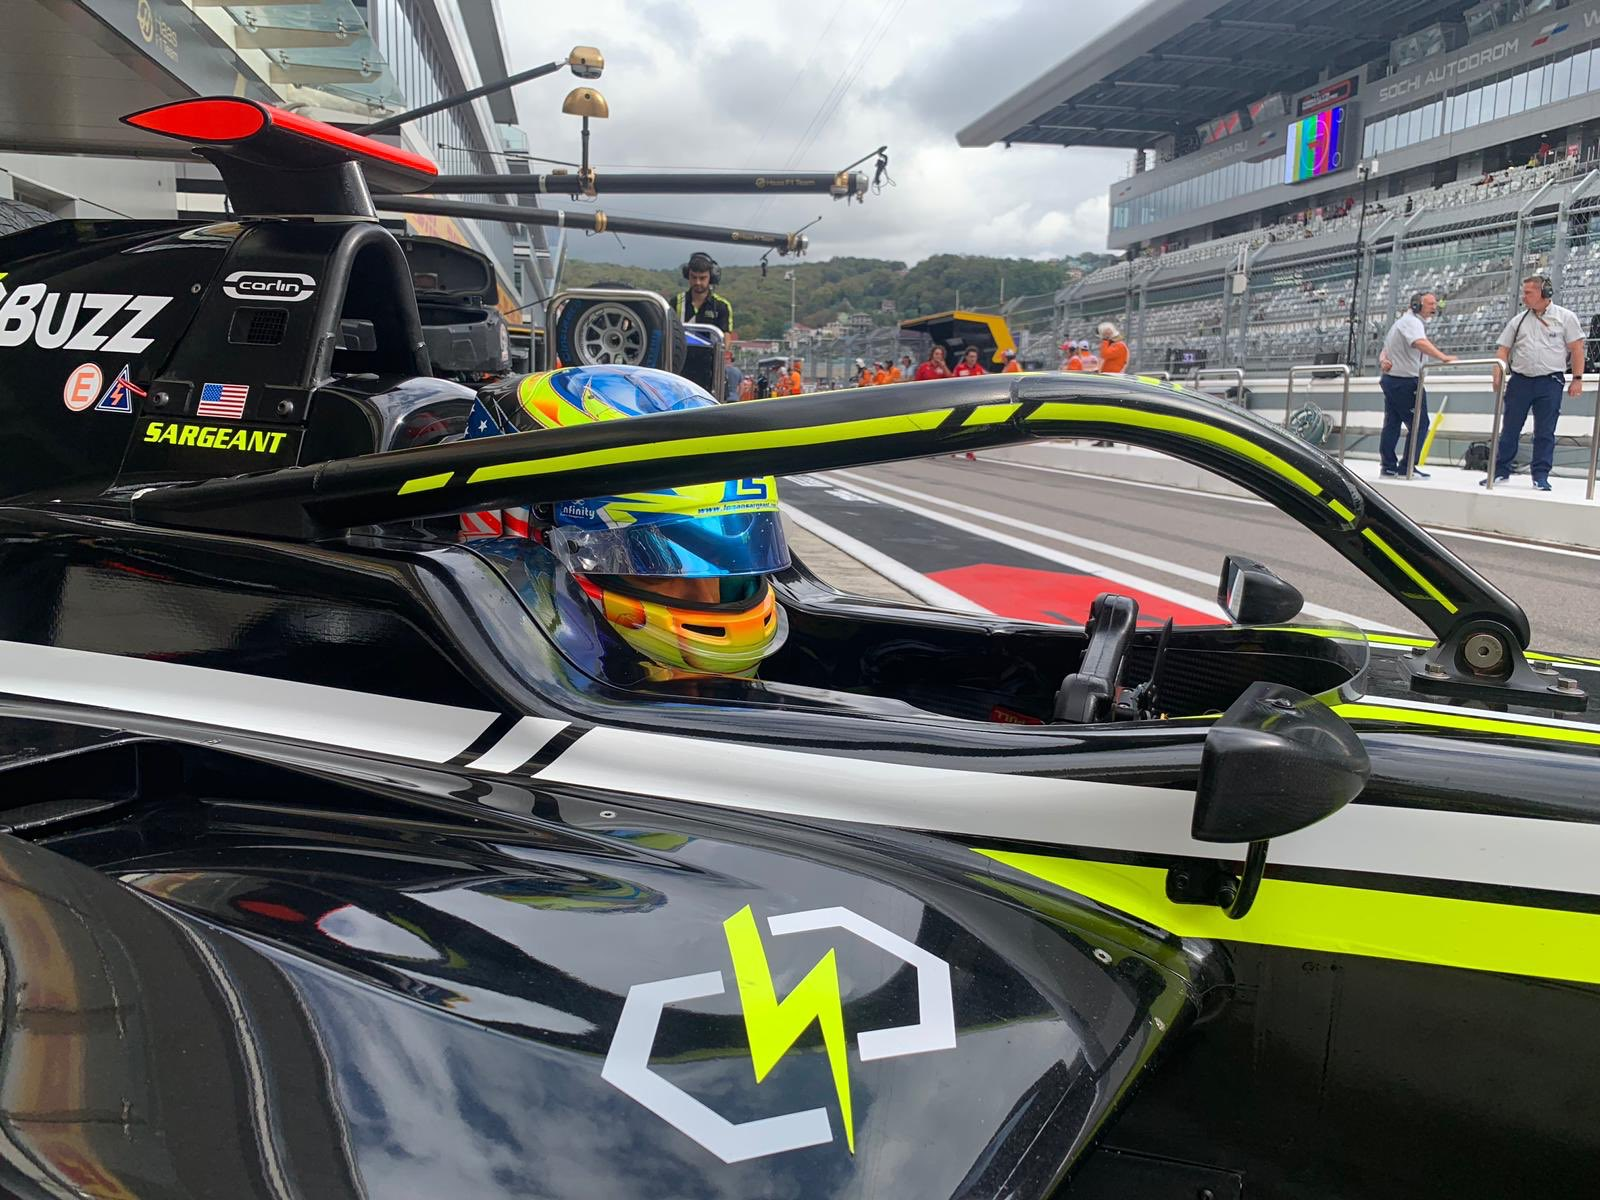 Путь наверх или в никуда. Перспективы гонщиков «Формулы-3» на 2020 год